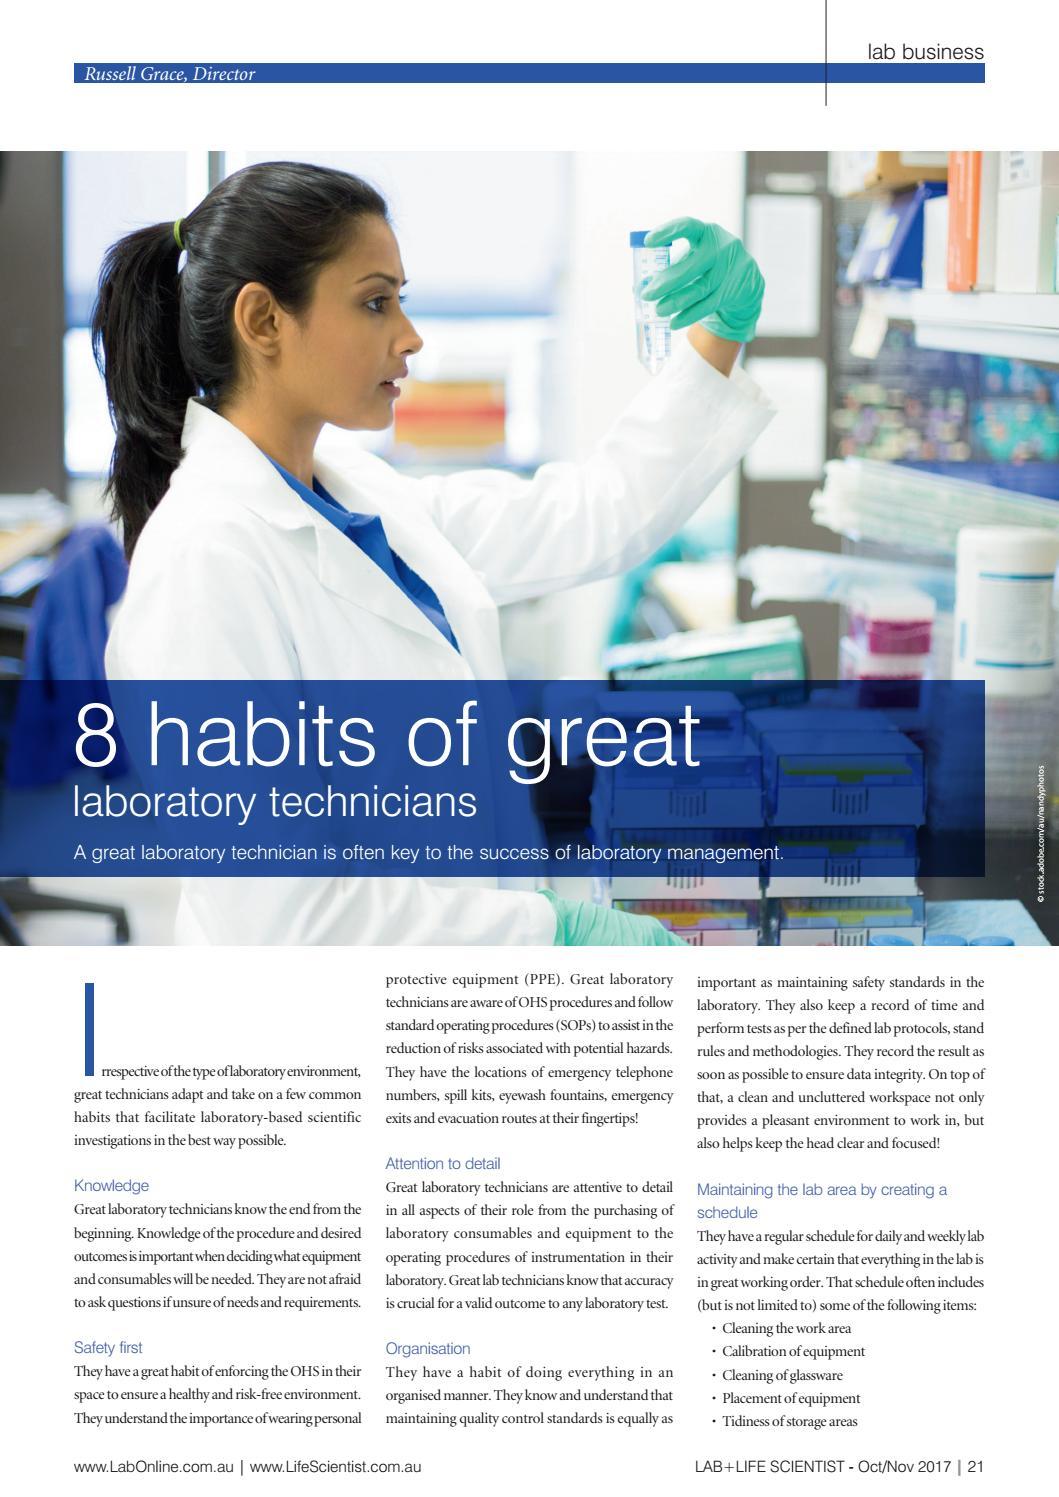 lab+life scientist oct/nov 2017 by westwick-farrow media - issuu